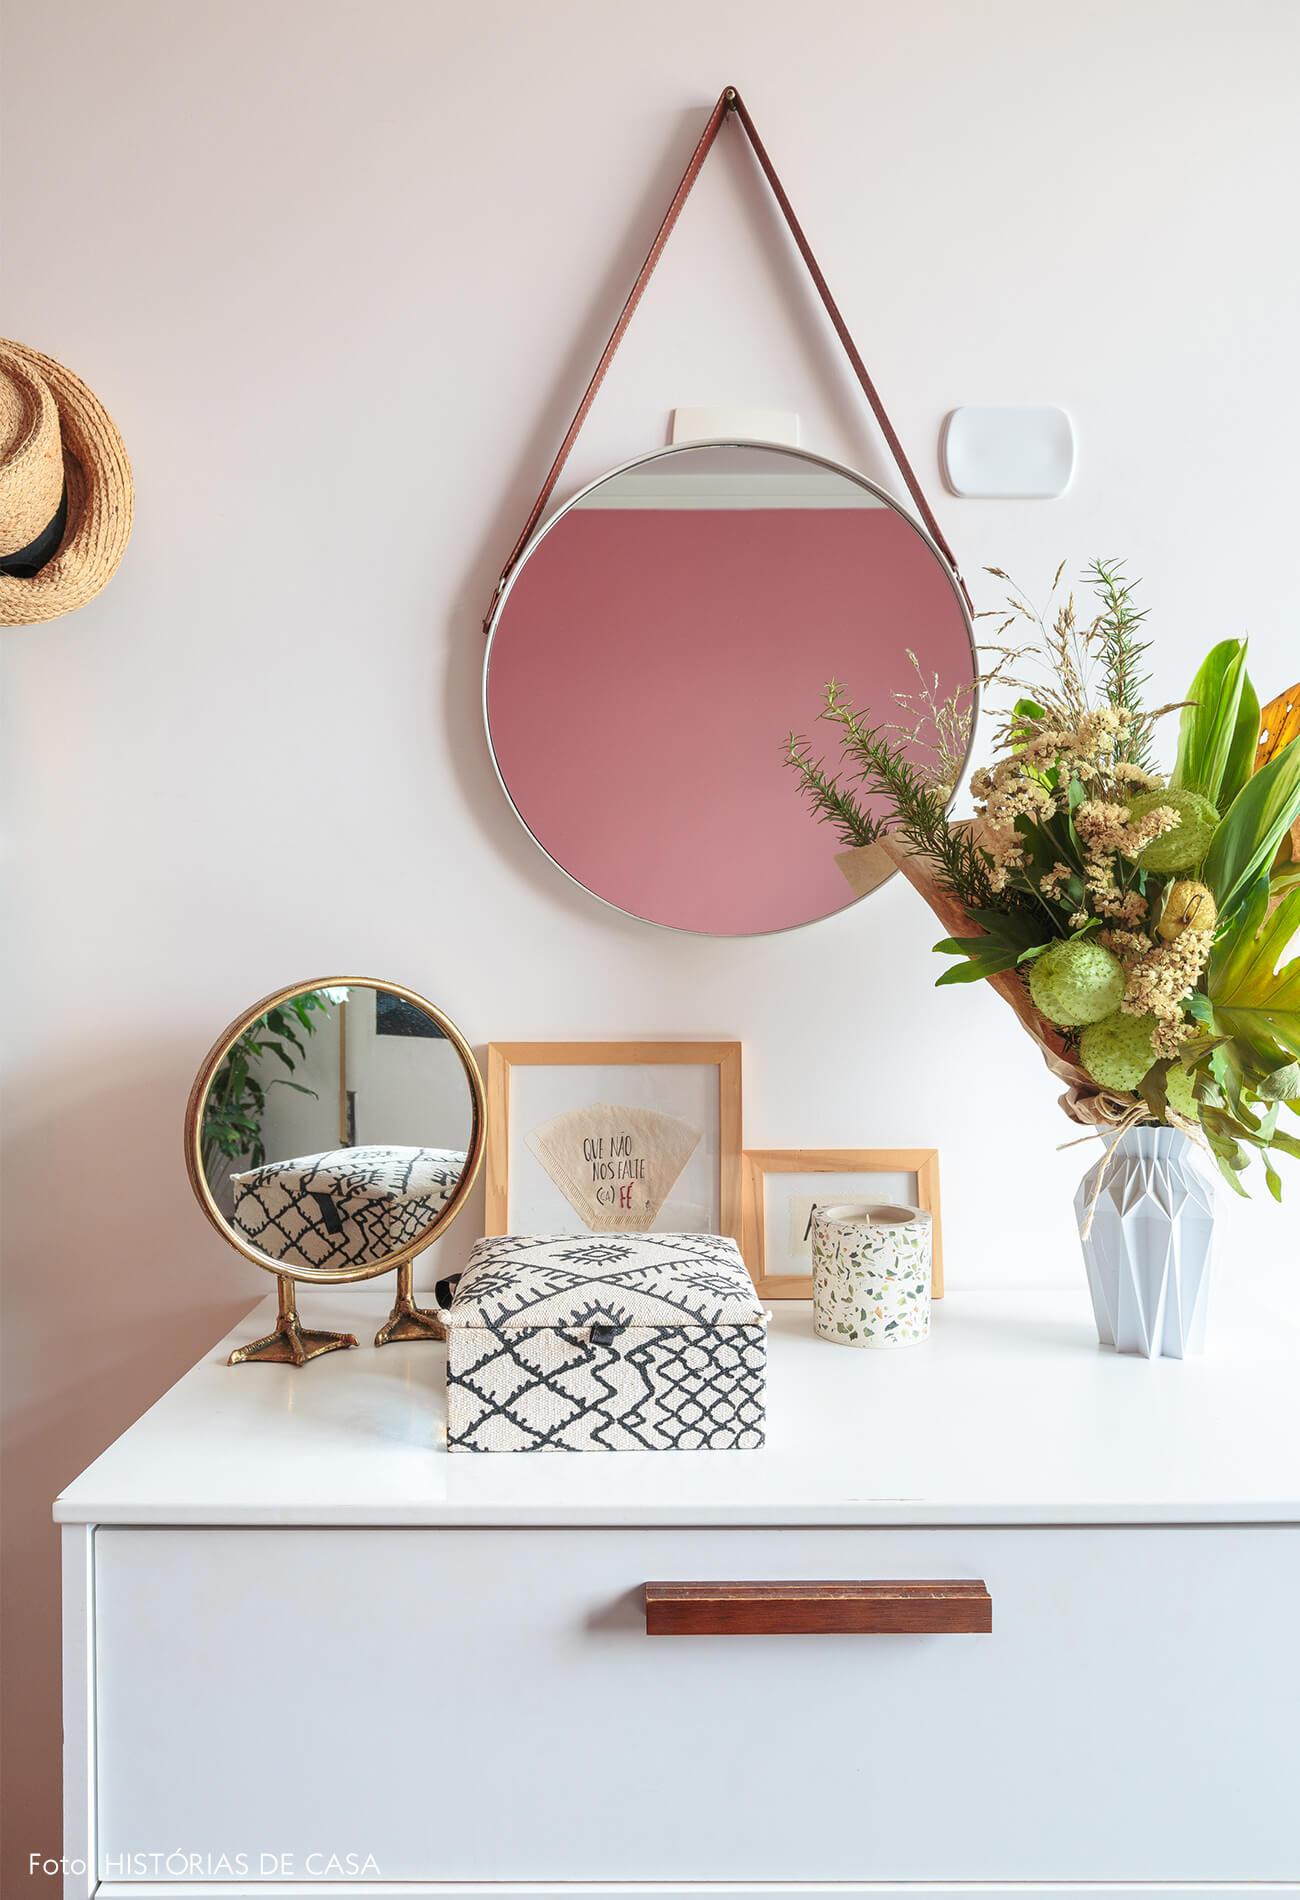 decoração armário branco e espelho redondo